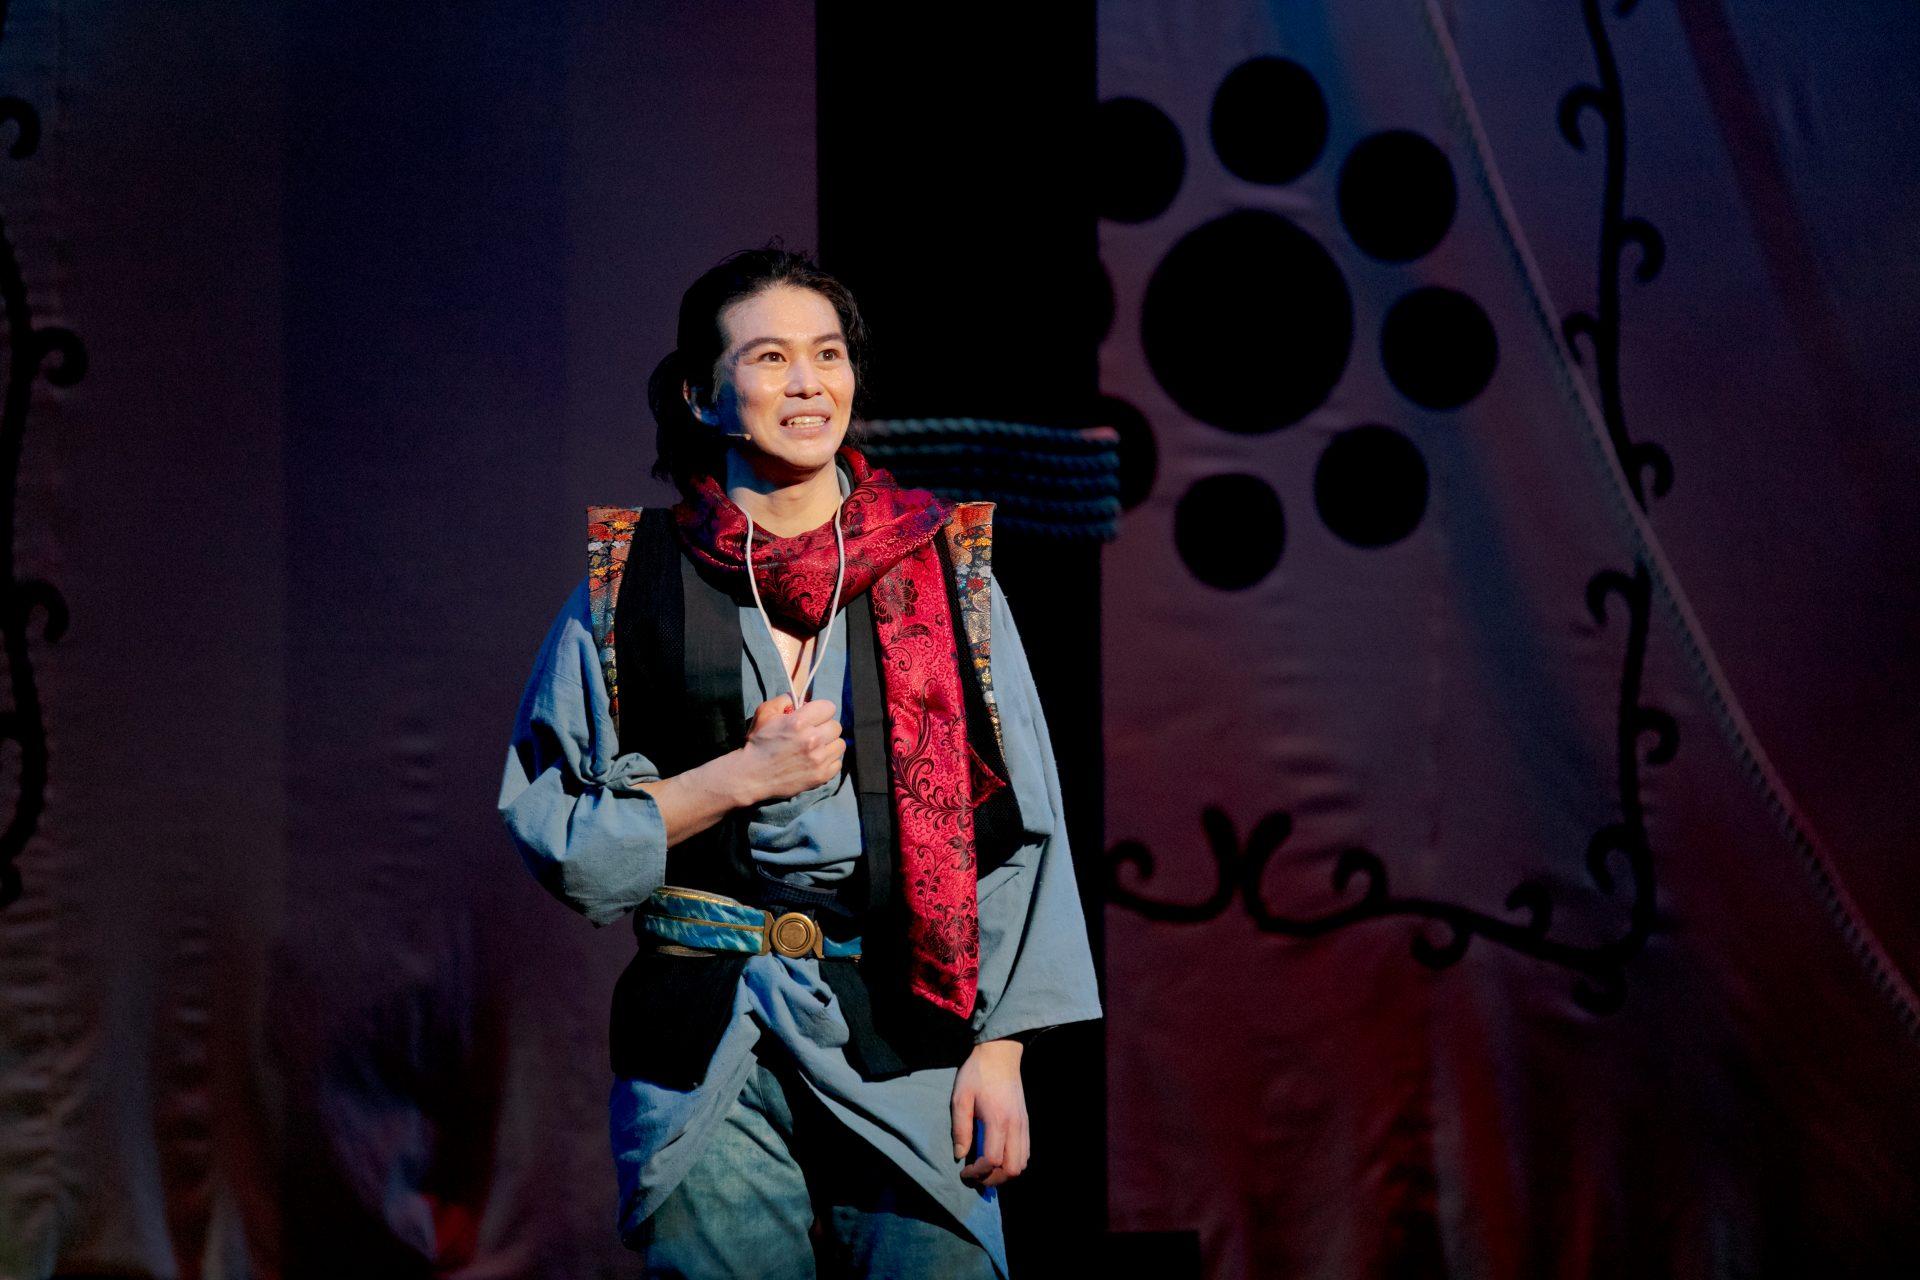 登場人物リウタが舞台上に立っているシーン。青い着物に赤い首巻きを身に着けている。